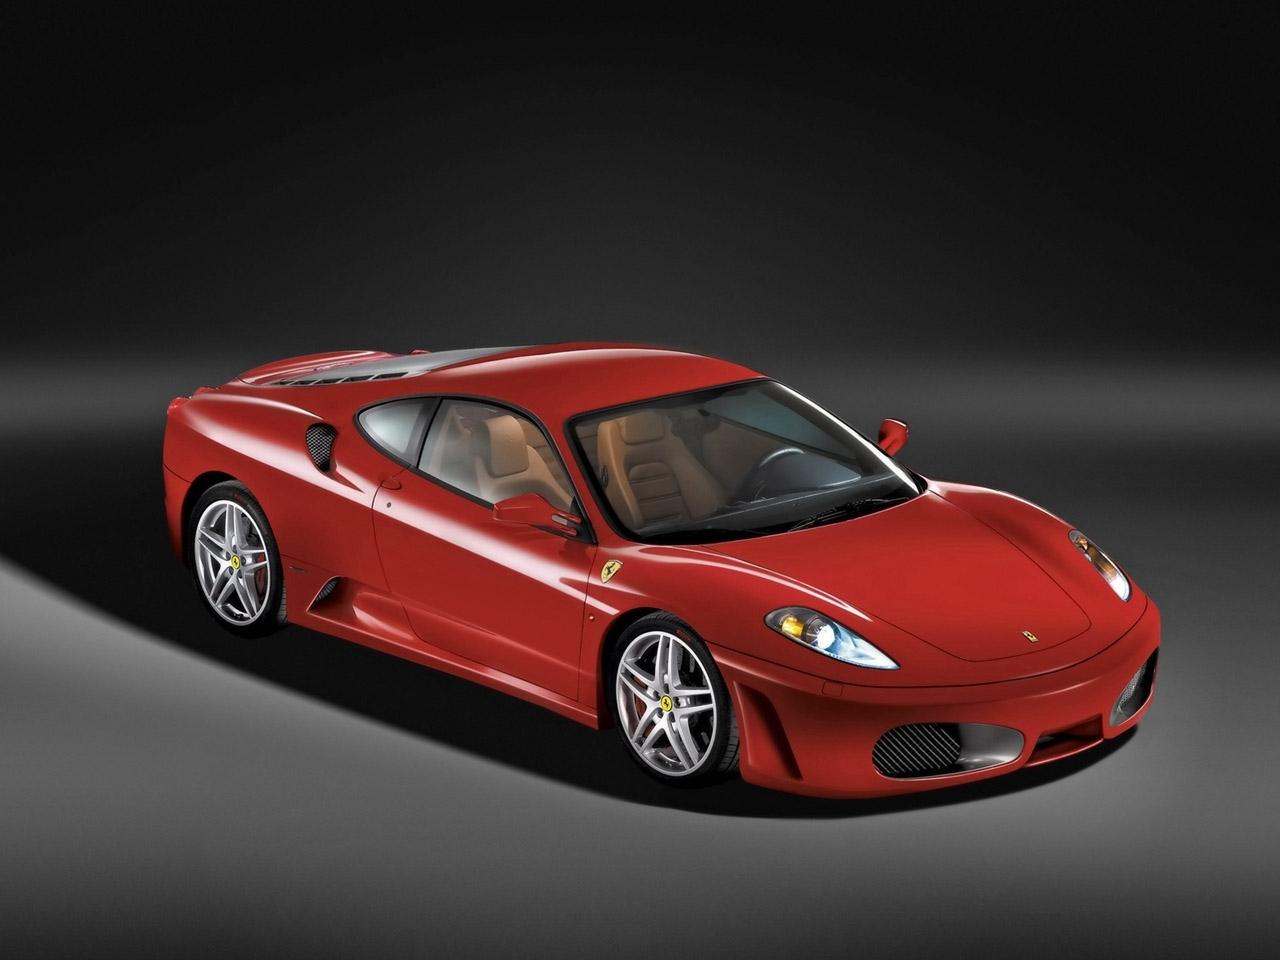 44055 скачать обои Транспорт, Машины, Феррари (Ferrari) - заставки и картинки бесплатно